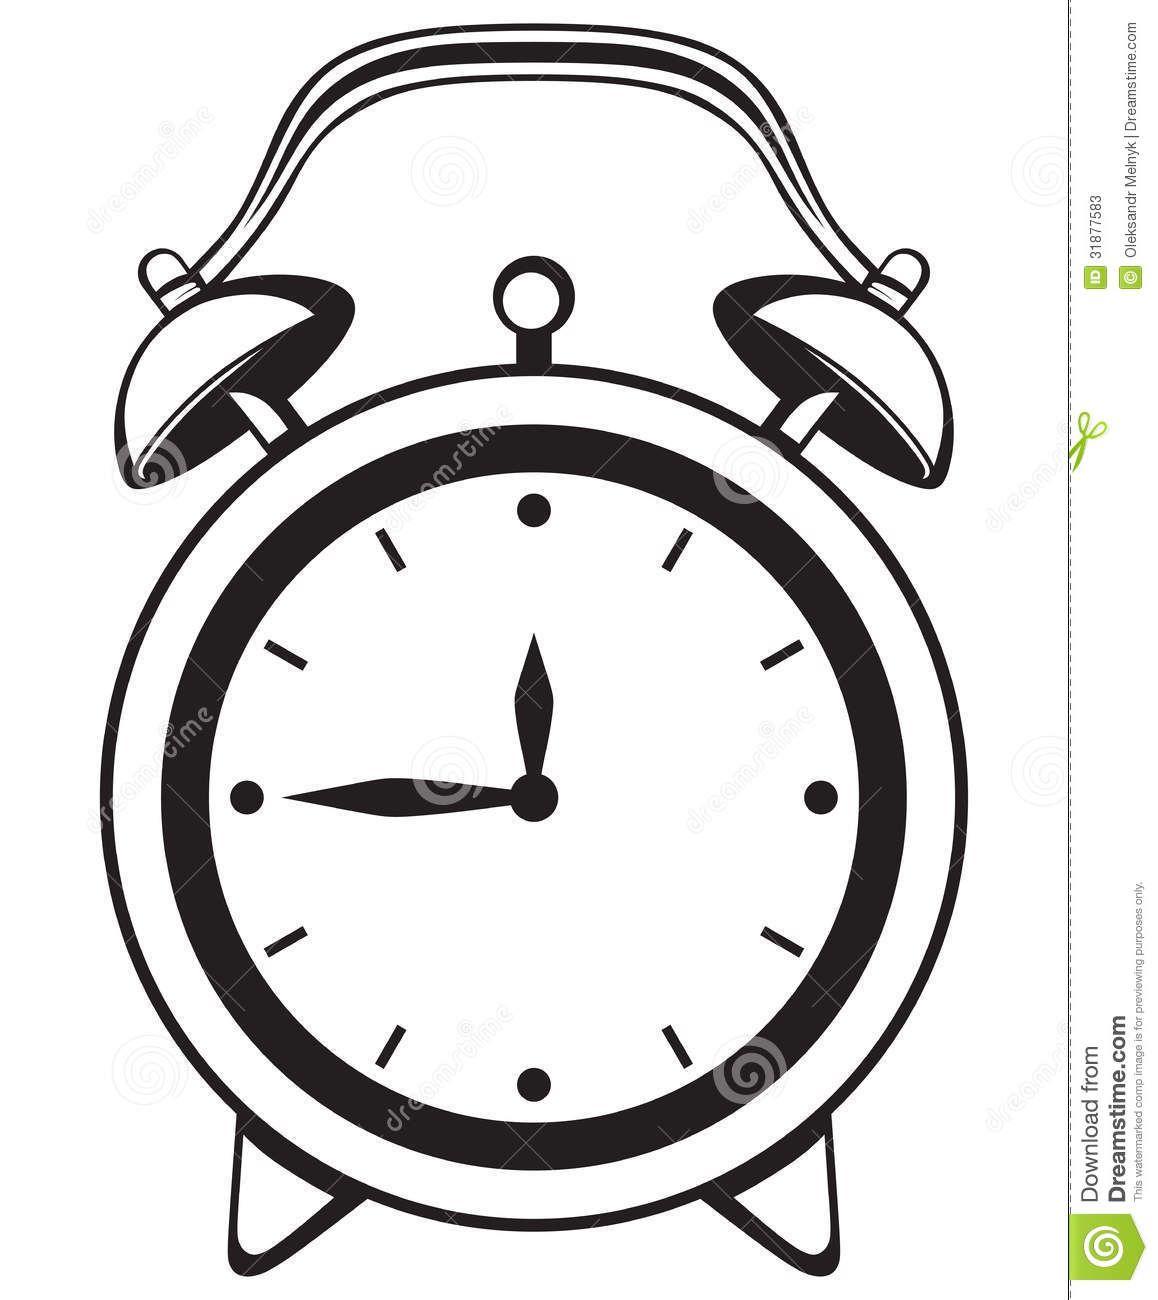 Alarm Clock Stock Photos Image 31877583 Old Alarm Clock Cartoon